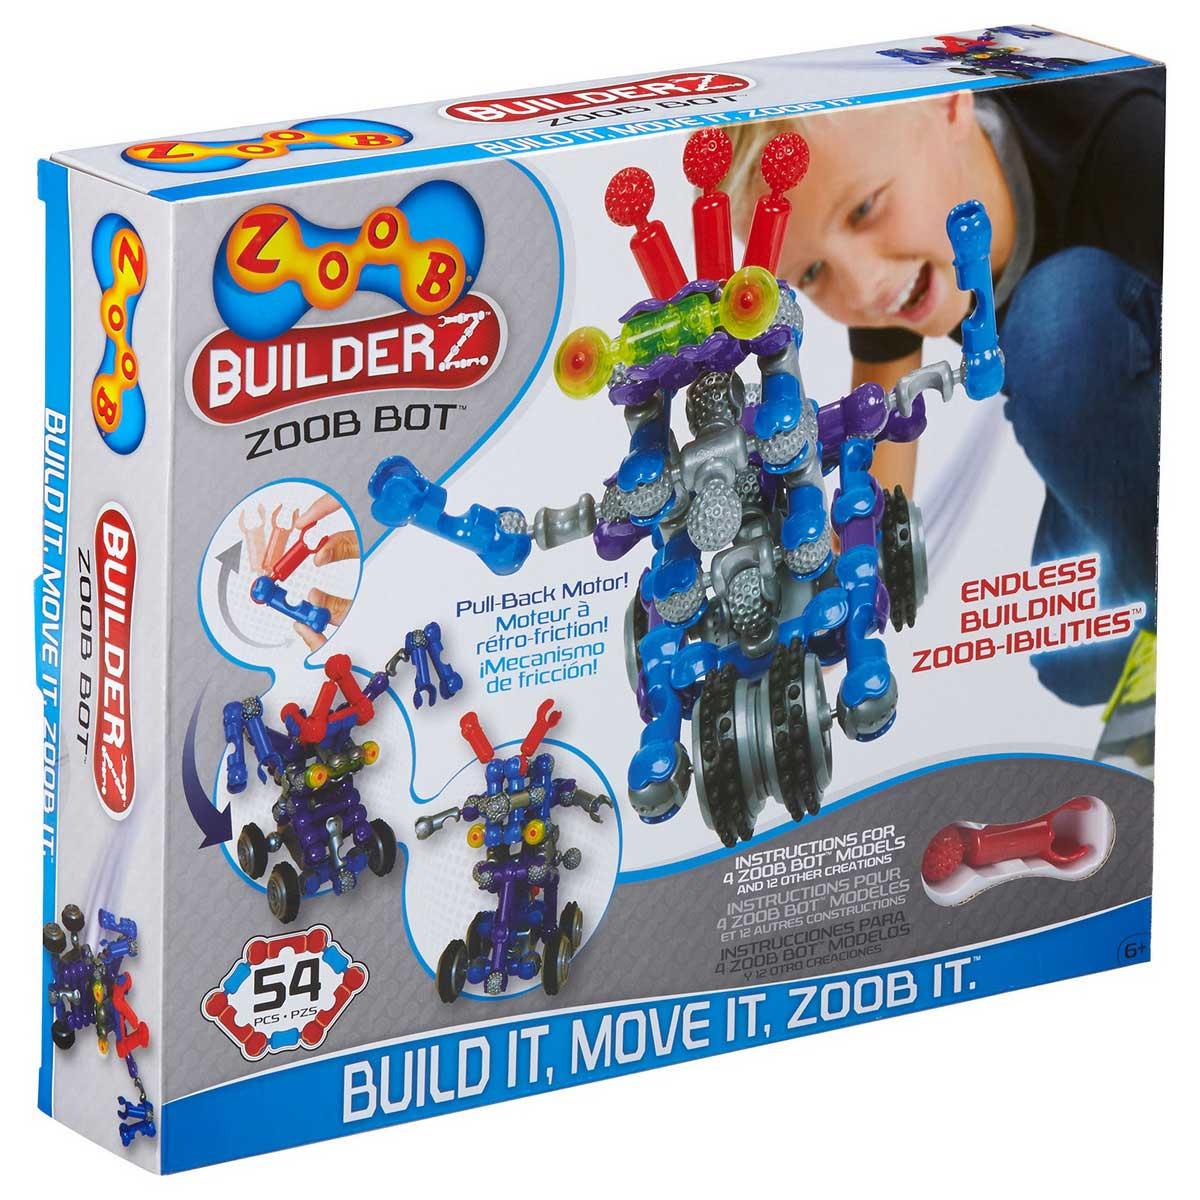 Robot ZooB BuilderZ